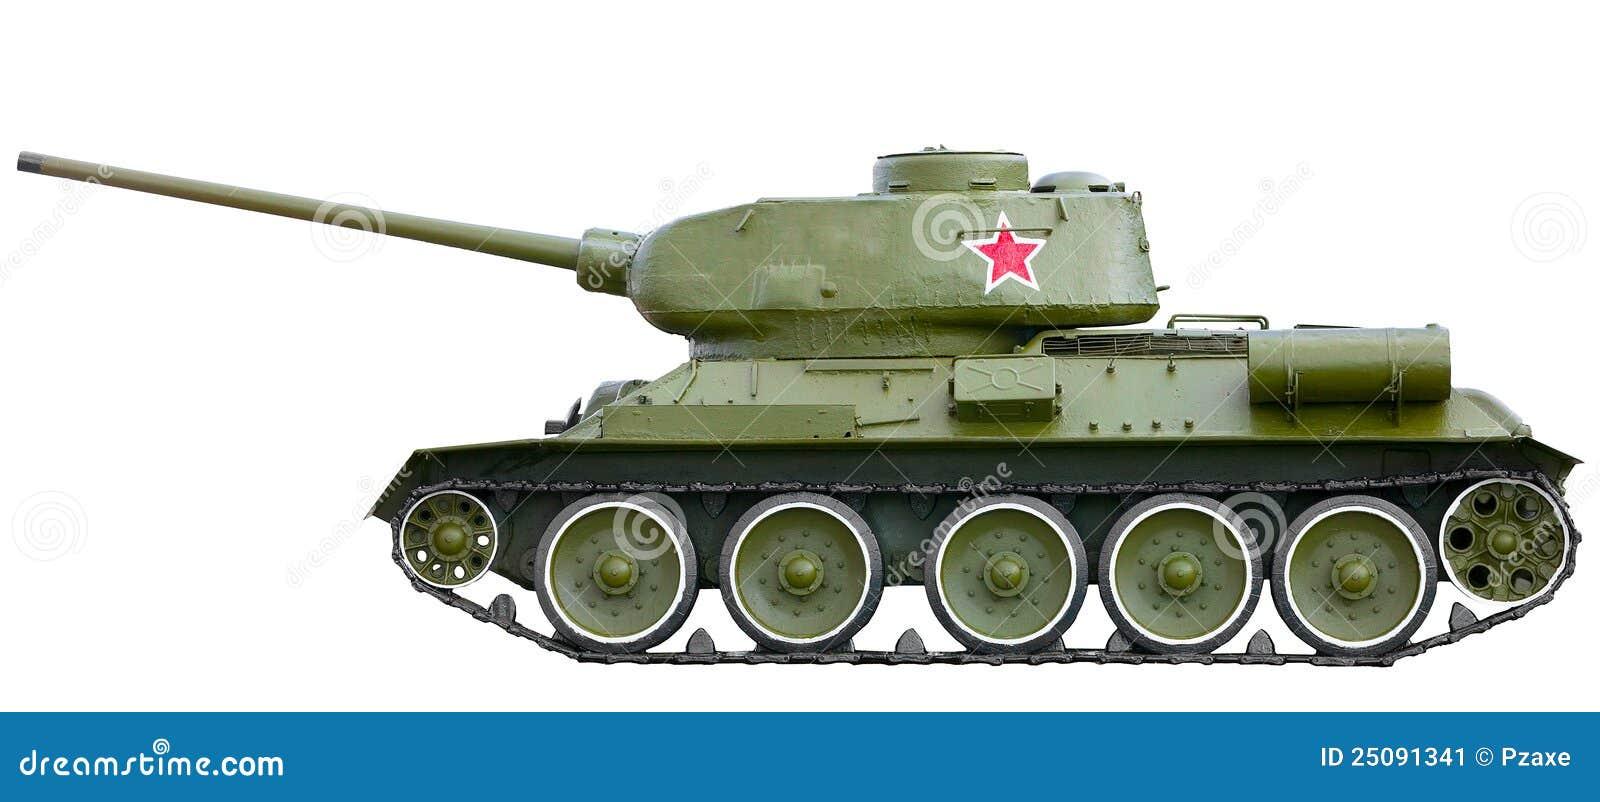 Russian tank t34 royalty free stock images image 23498479 - Russische Tank T 34 Van Wereldoorlog Ii Stock Afbeelding